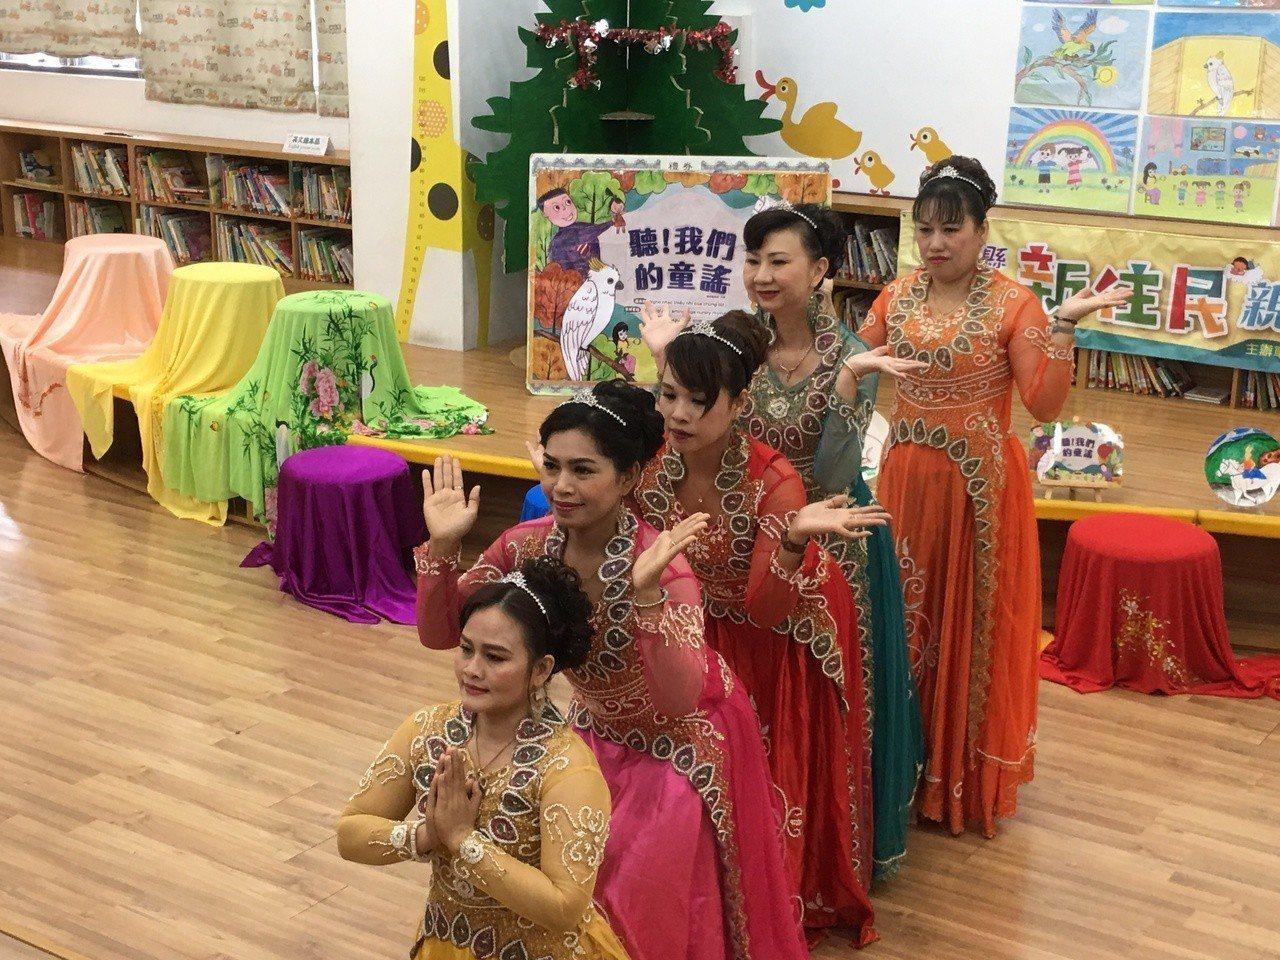 雲林縣政府鼓勵新住民透過閱讀創作,傳遞母國文化,今天發表由5位新住民共同創作的「...